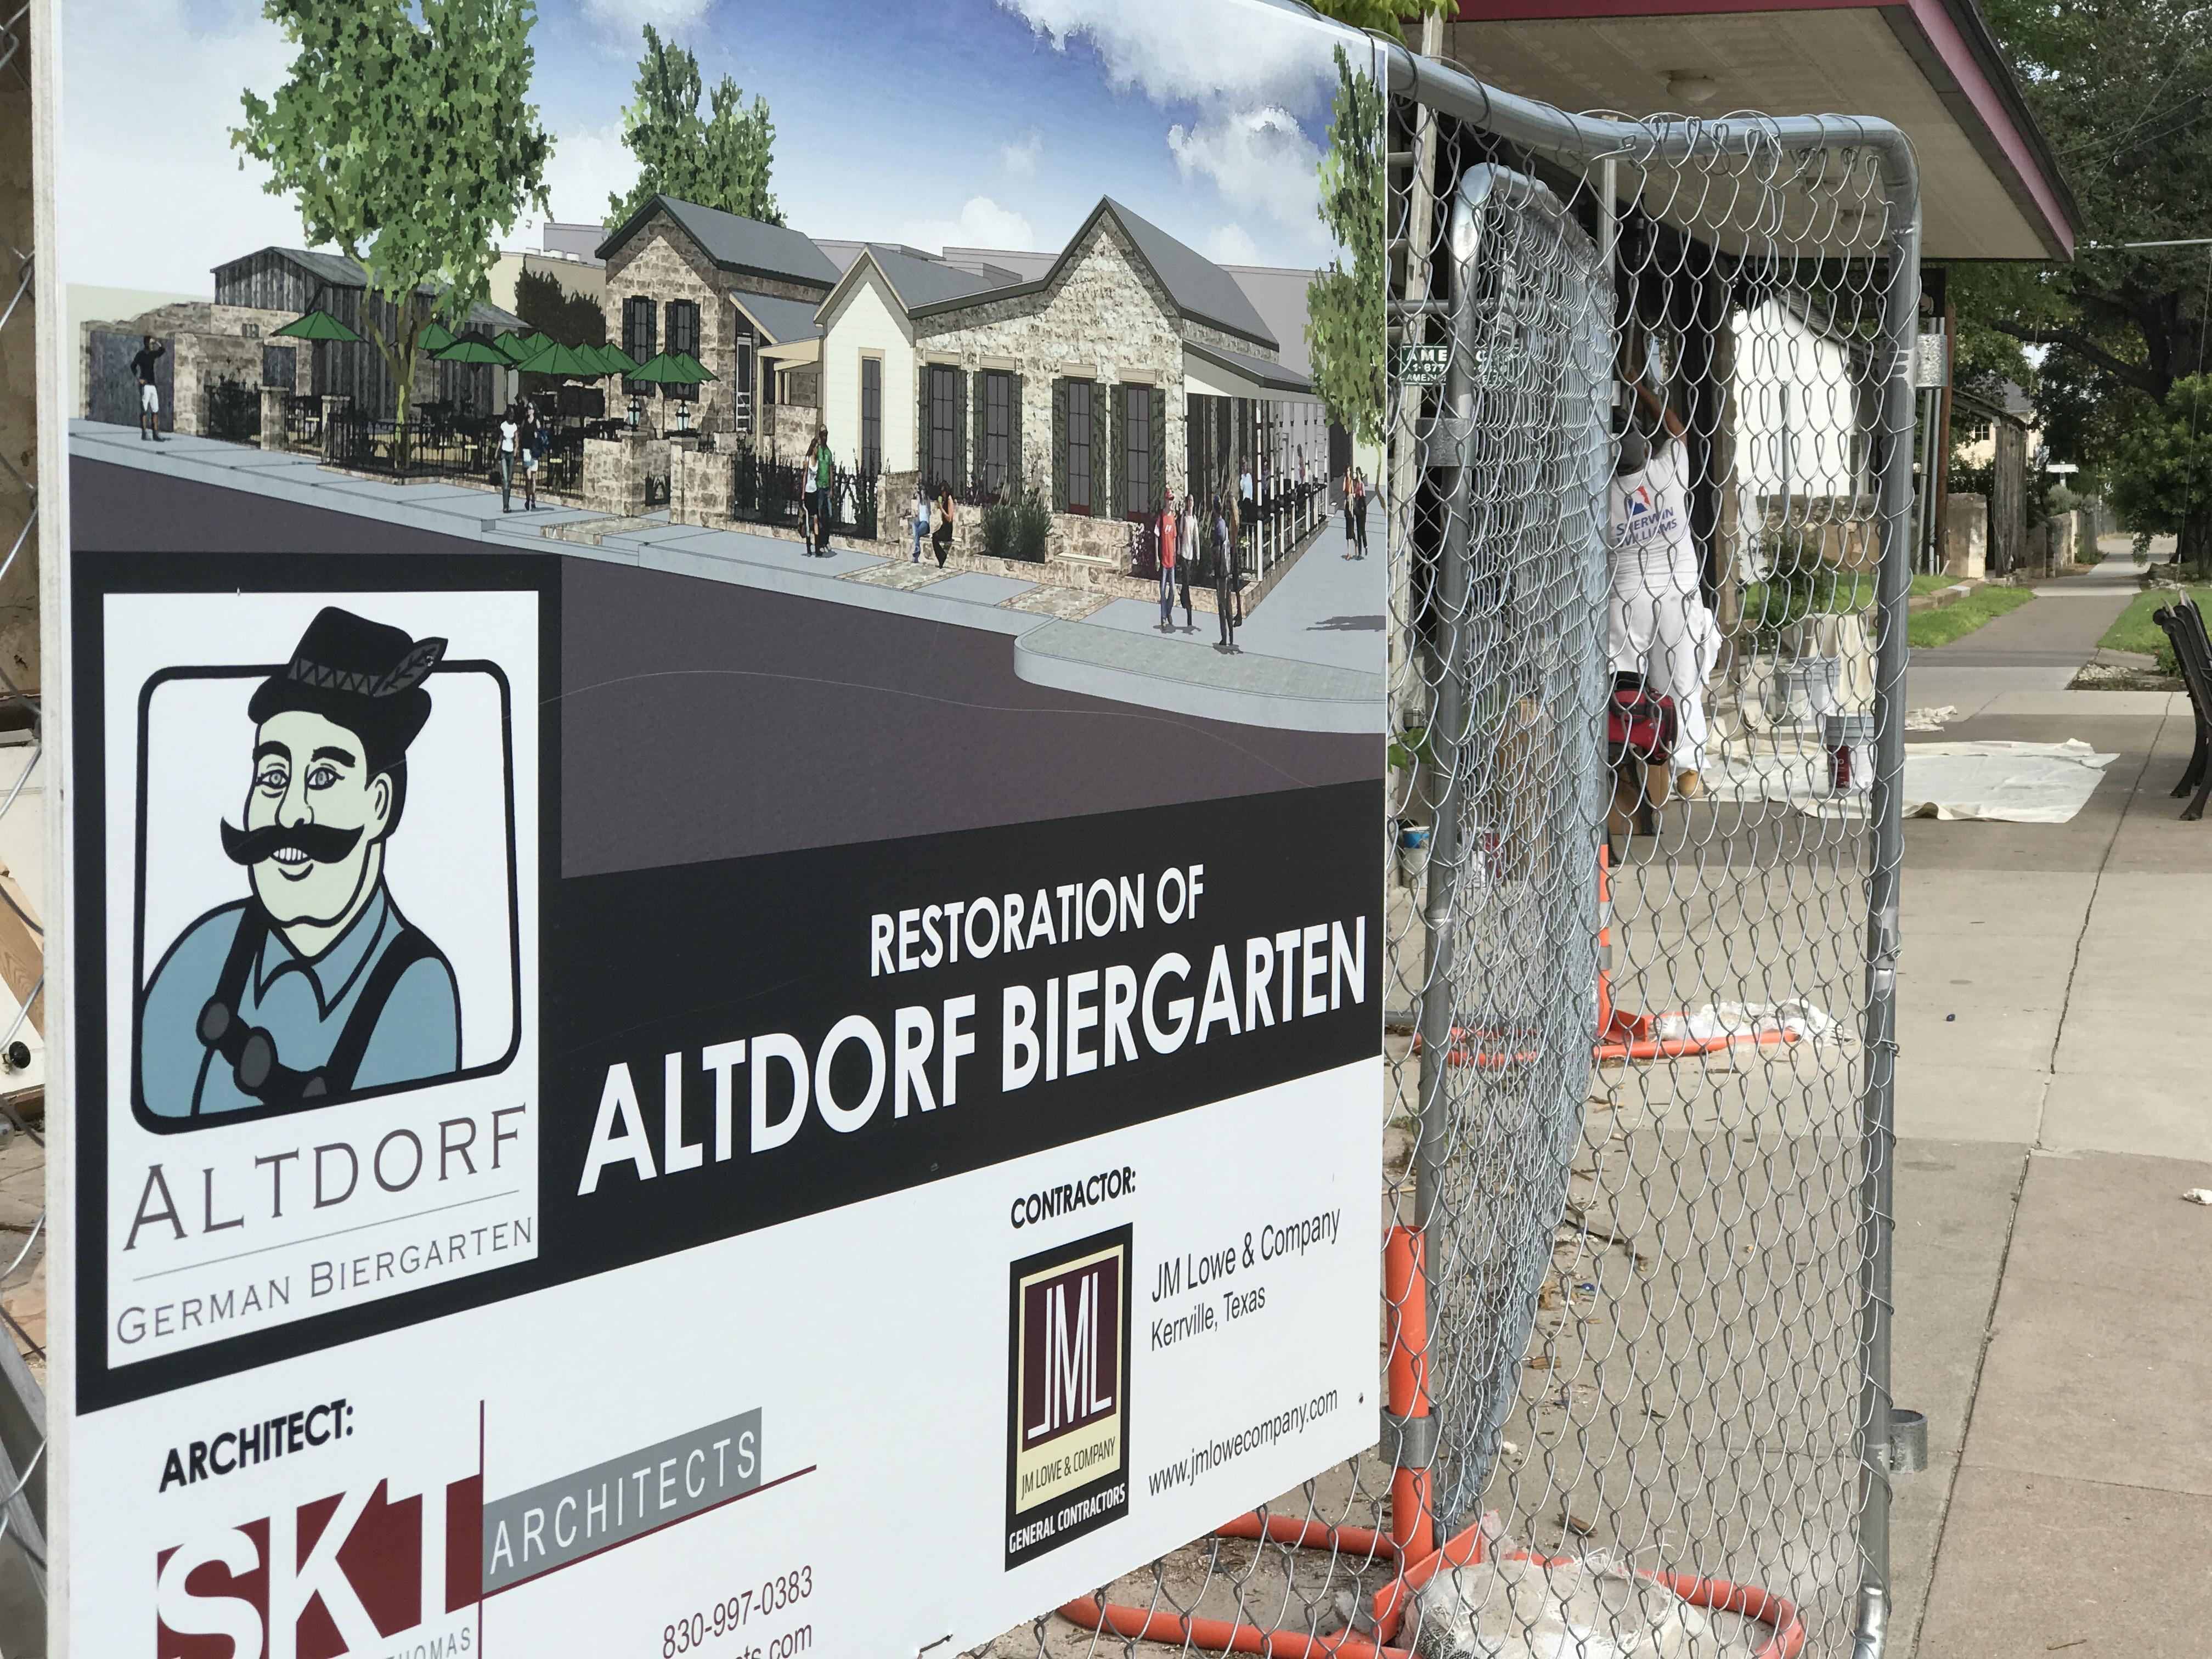 Altdorf Biergarten